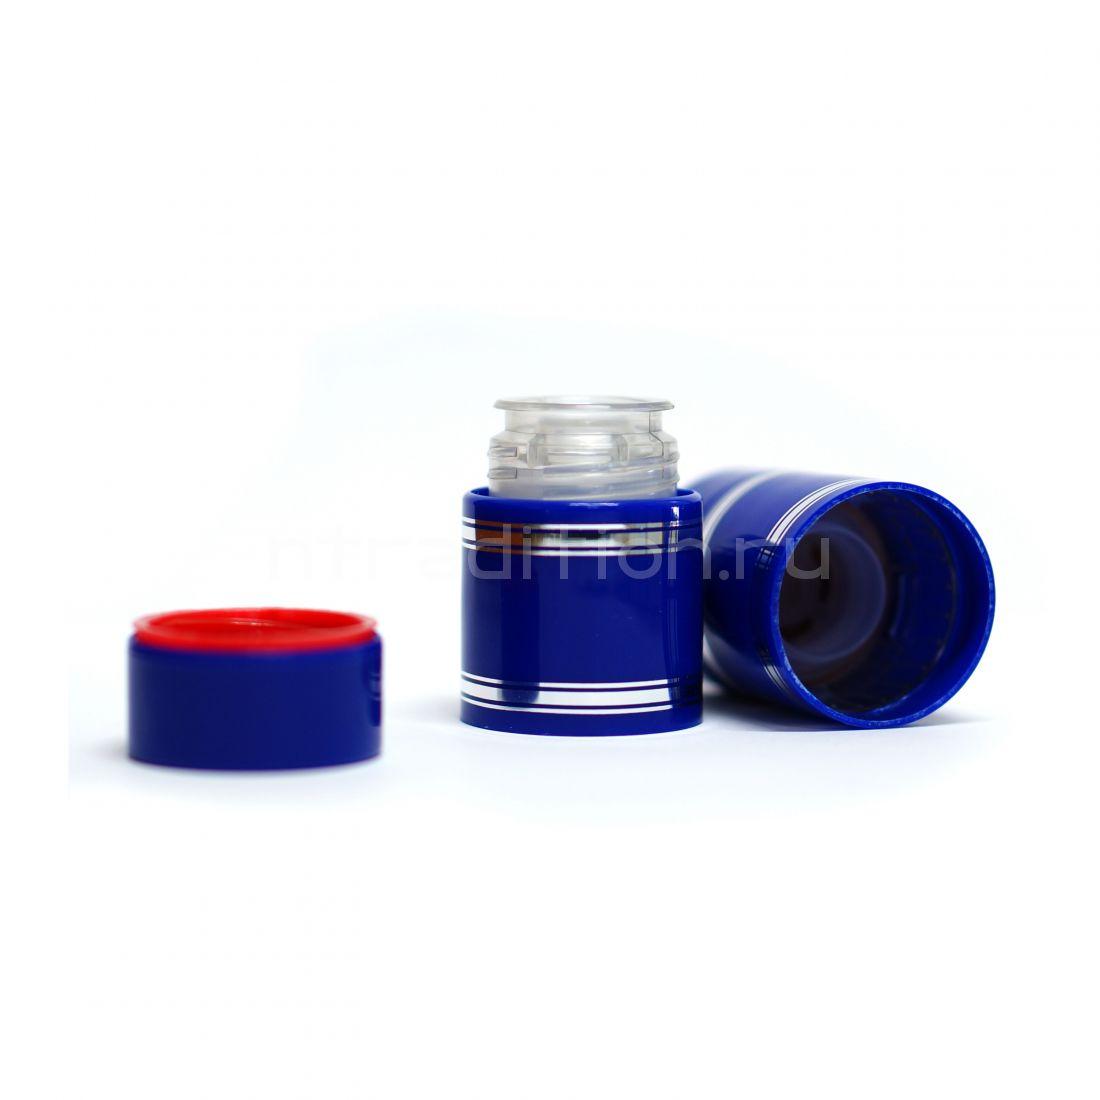 Полимерный колпачок с дозатором синий (Гуала 47 мм) / 10 шт